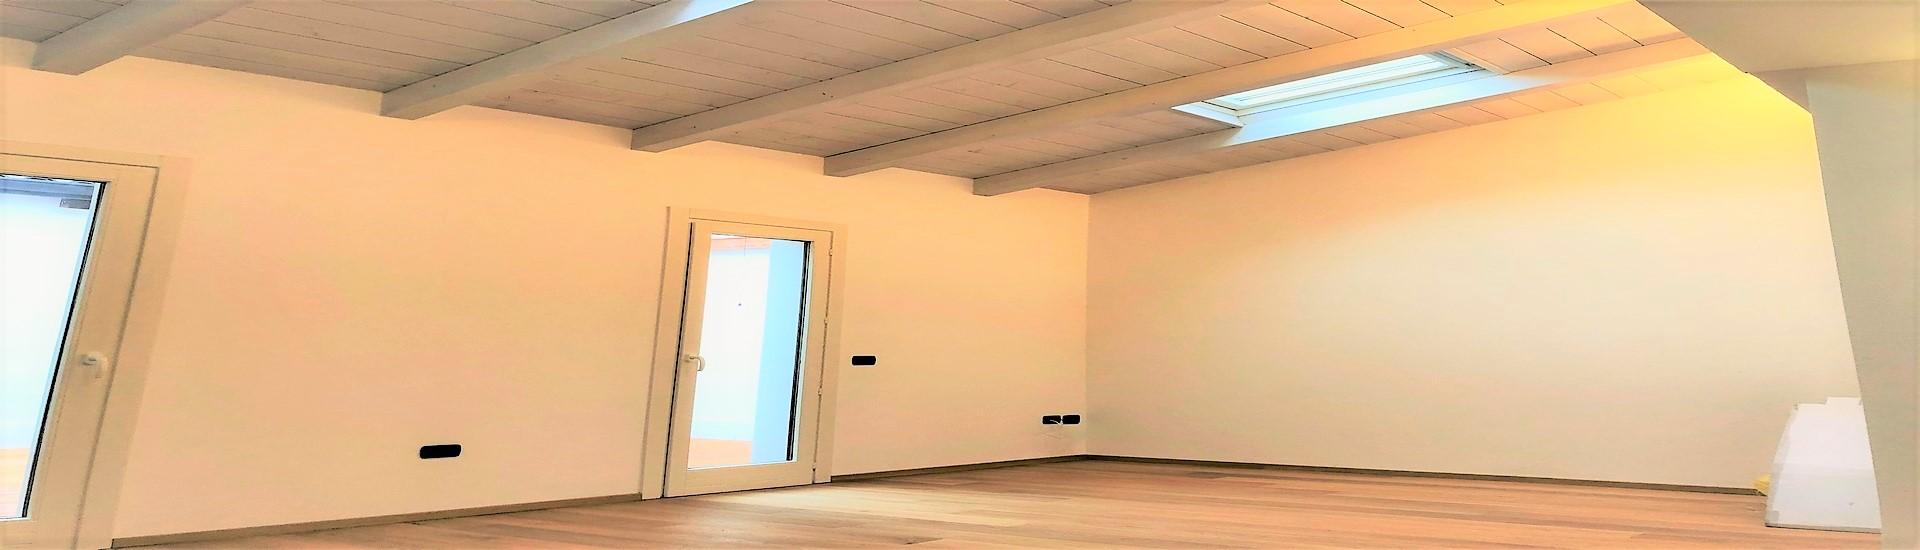 OZZANO TARO - Deliziosa Maisonette con terrazzo. Finiture di pregio. 148.000 euro